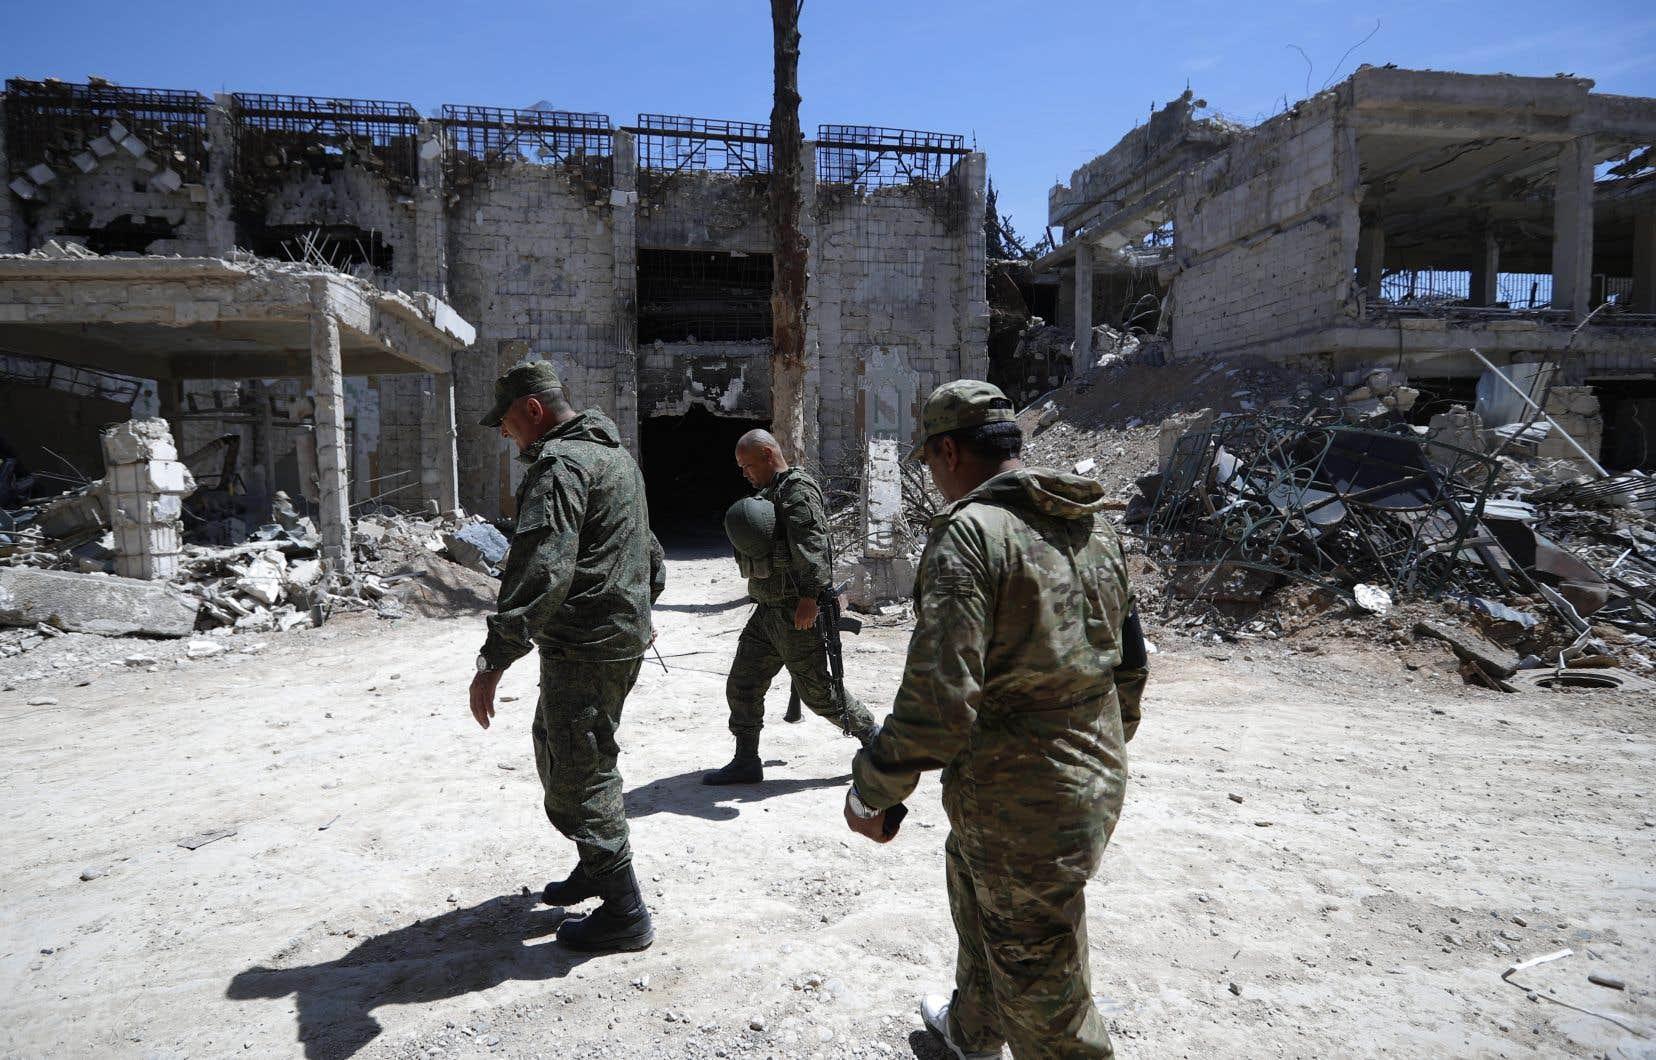 Des membres de la police militaire russe, dans la ville de Douma en Syrie